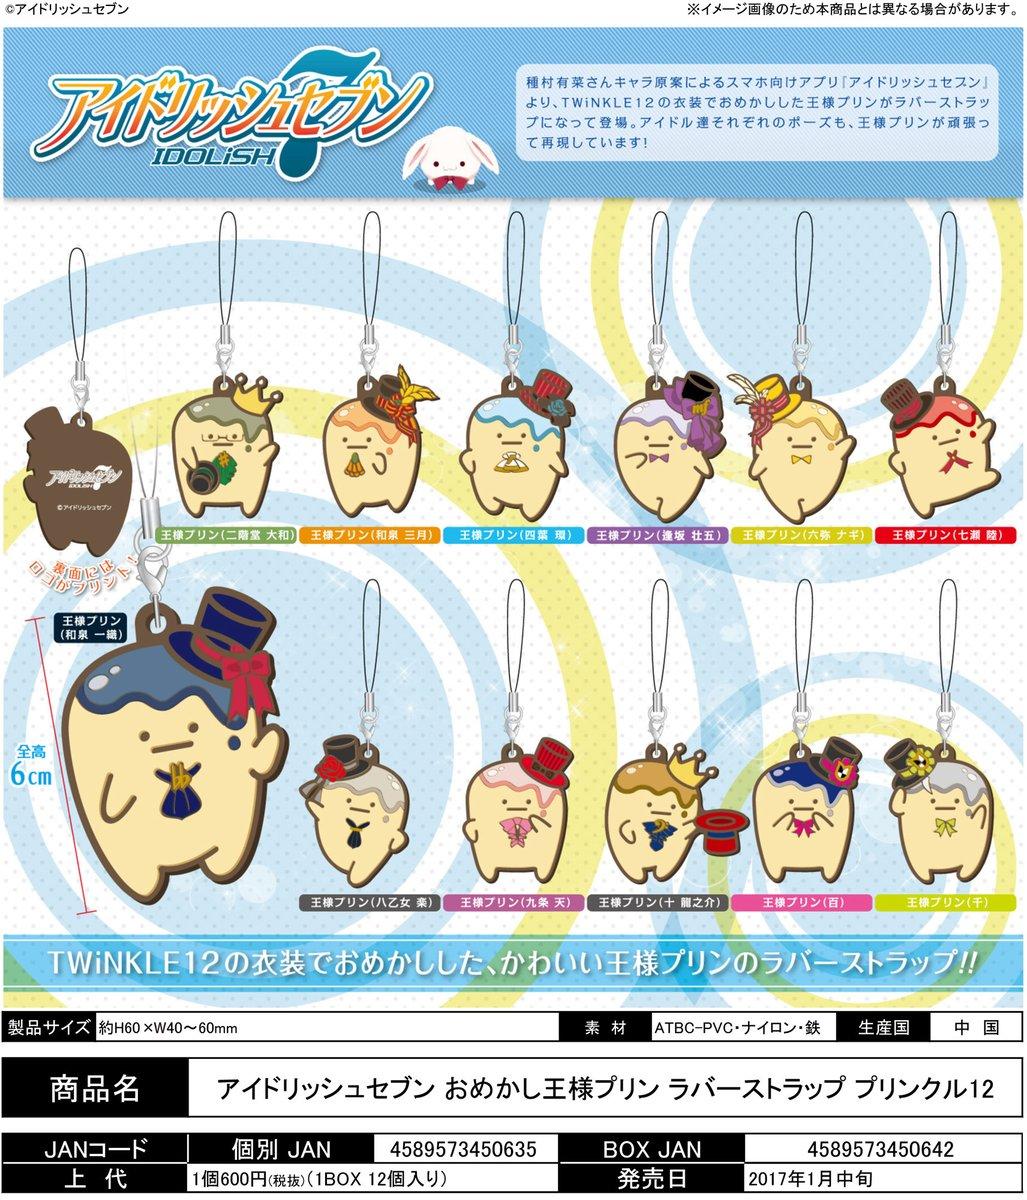 【アイナナ新グッズ】「アイドリッシュセブン IDOLiSH7 おめかし王様プリン ラバーストラップ ぷりんくる12」登場!